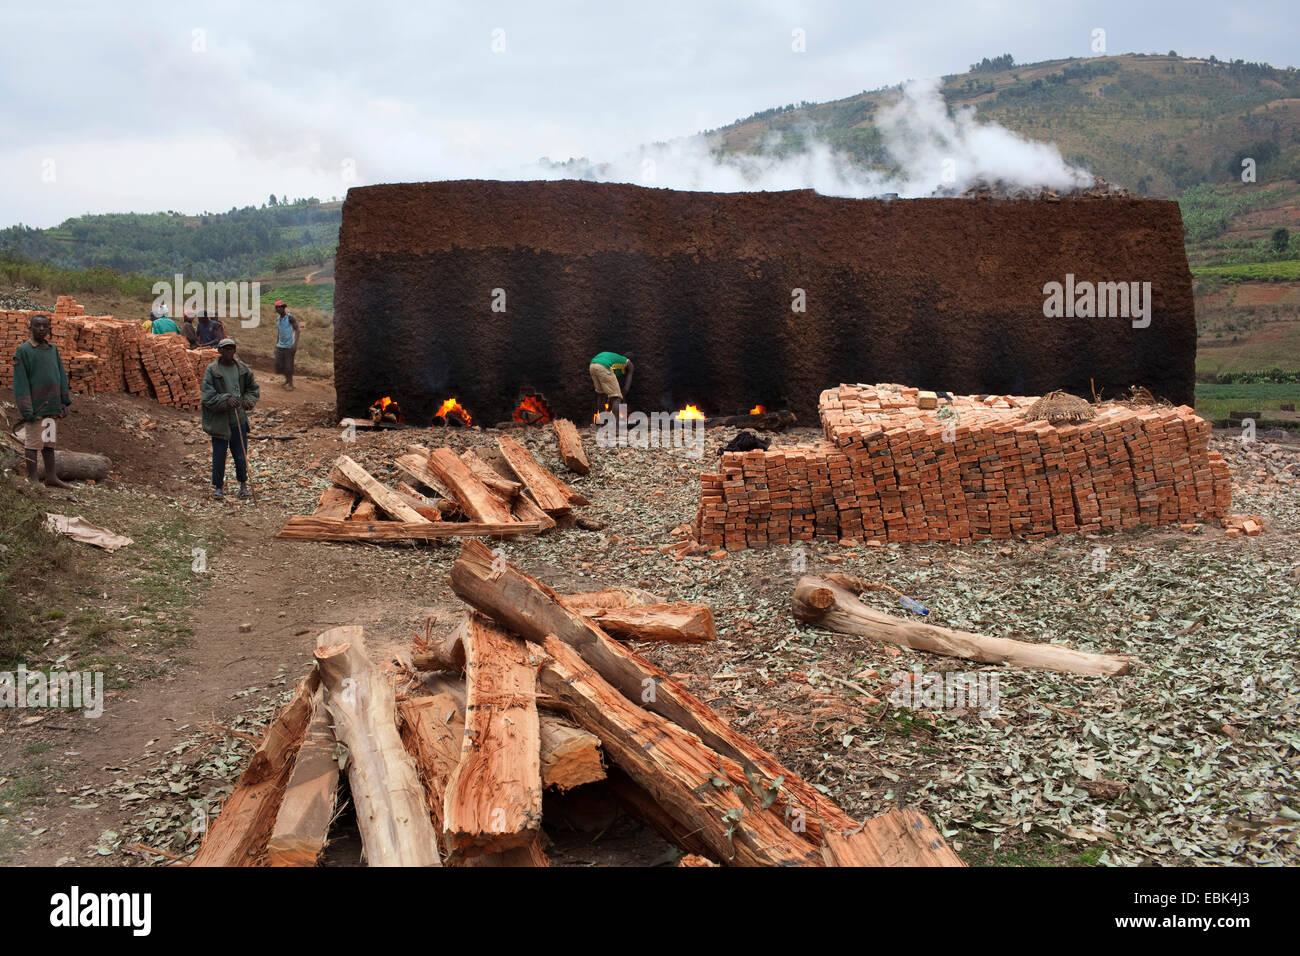 Mattone tradizionale forno per mattoni di argilla, Burundi, Karuzi, Buhiga Immagini Stock